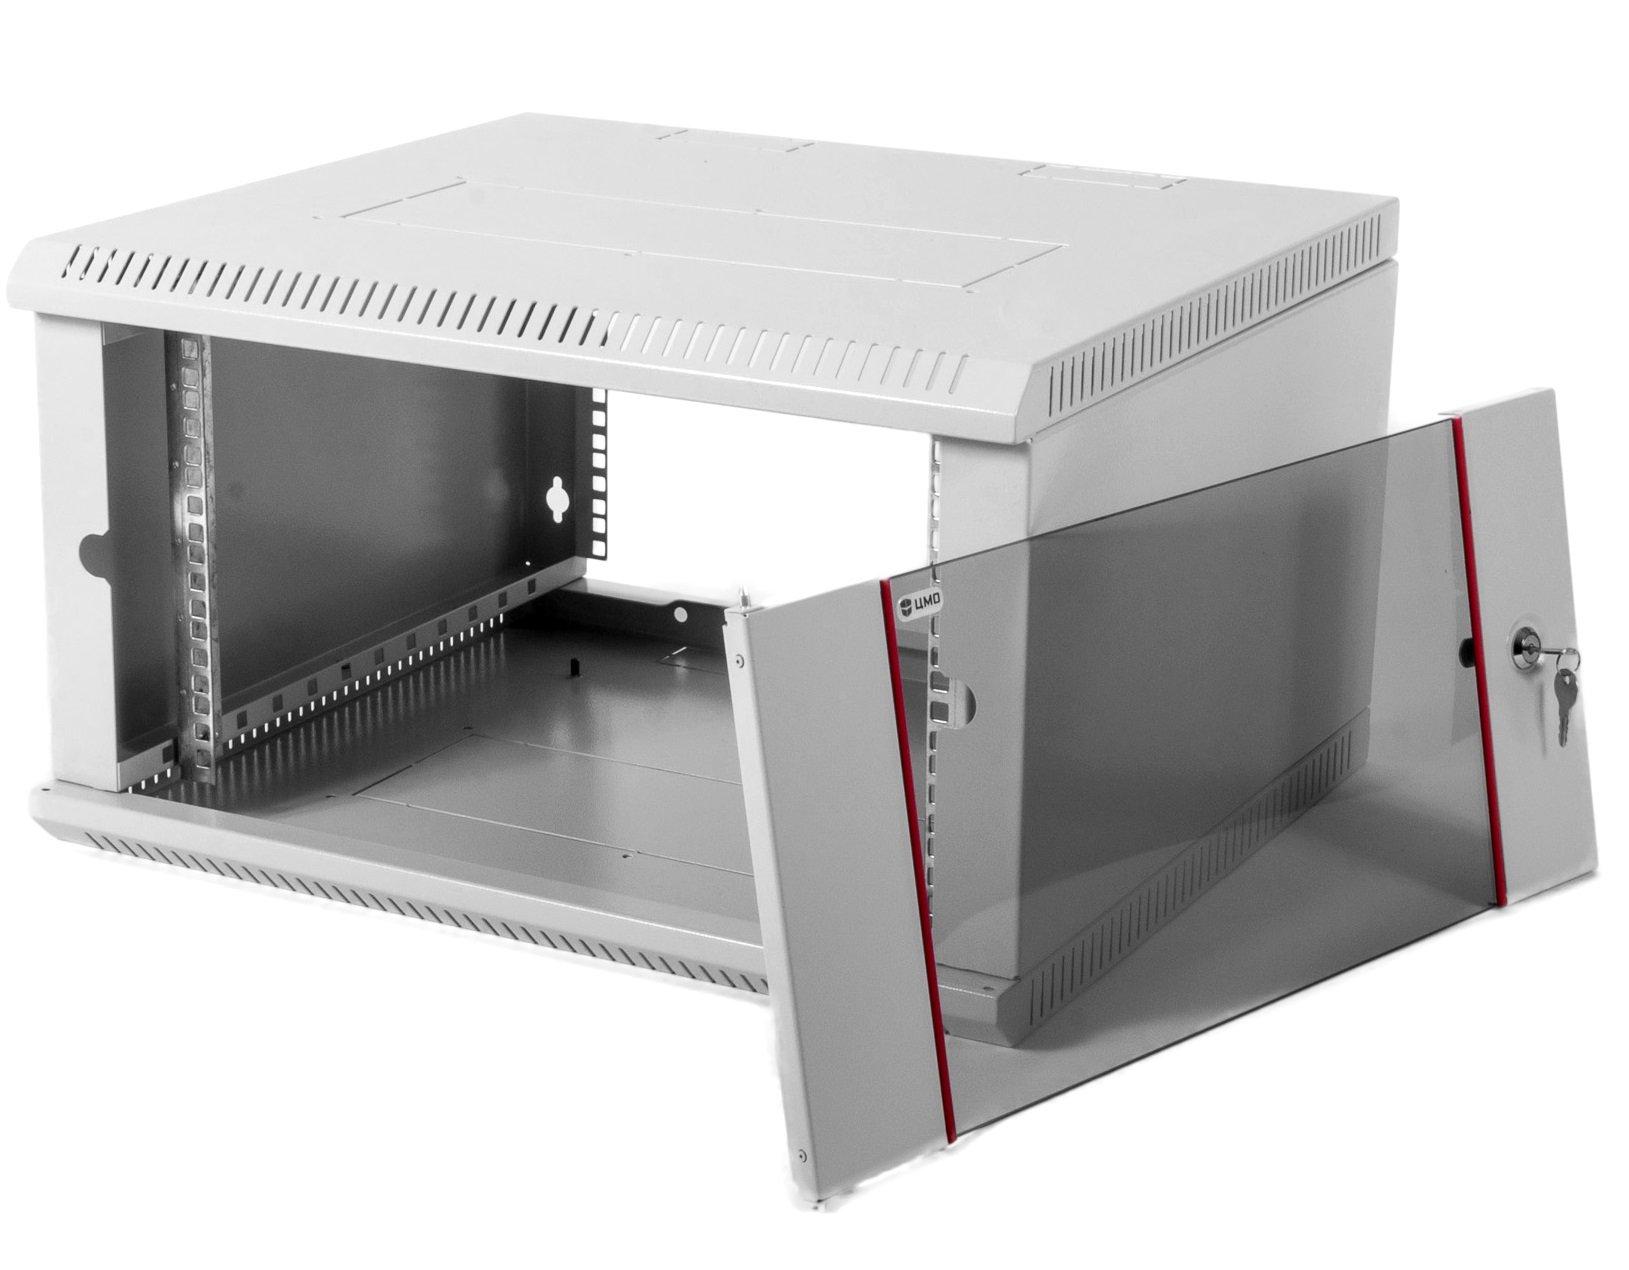 шкаф предназначенный для рабочей оргтехники стоимость приеме работу